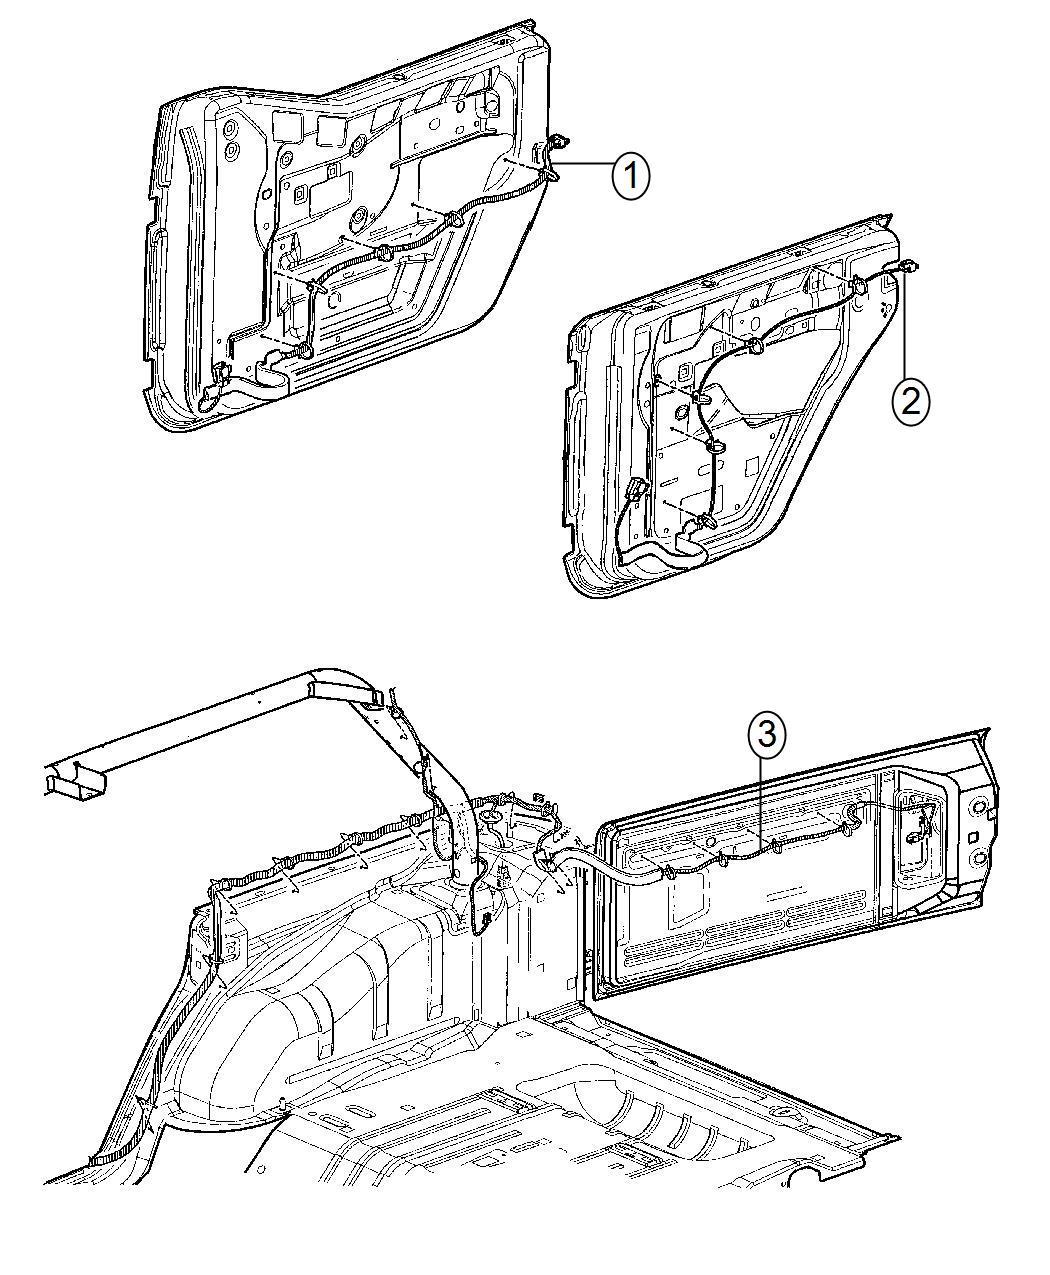 i2304099 Jeep Jk Power Door Lock Actuator Wiring Diagram on